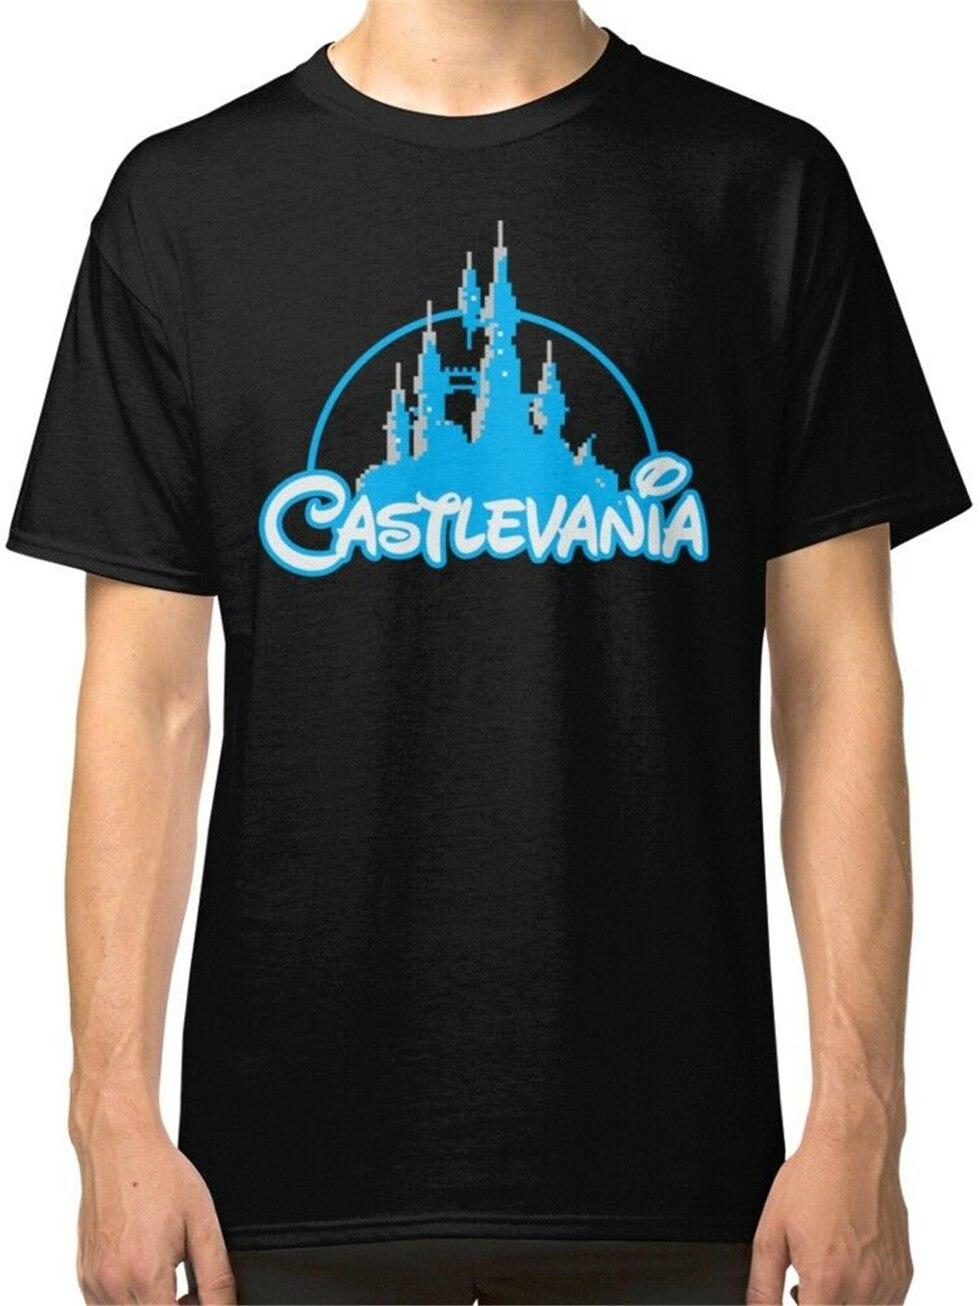 Castlevania camisetas negras para hombre de talla grande ropa camiseta nuevo diseño de moda para hombres y mujeres